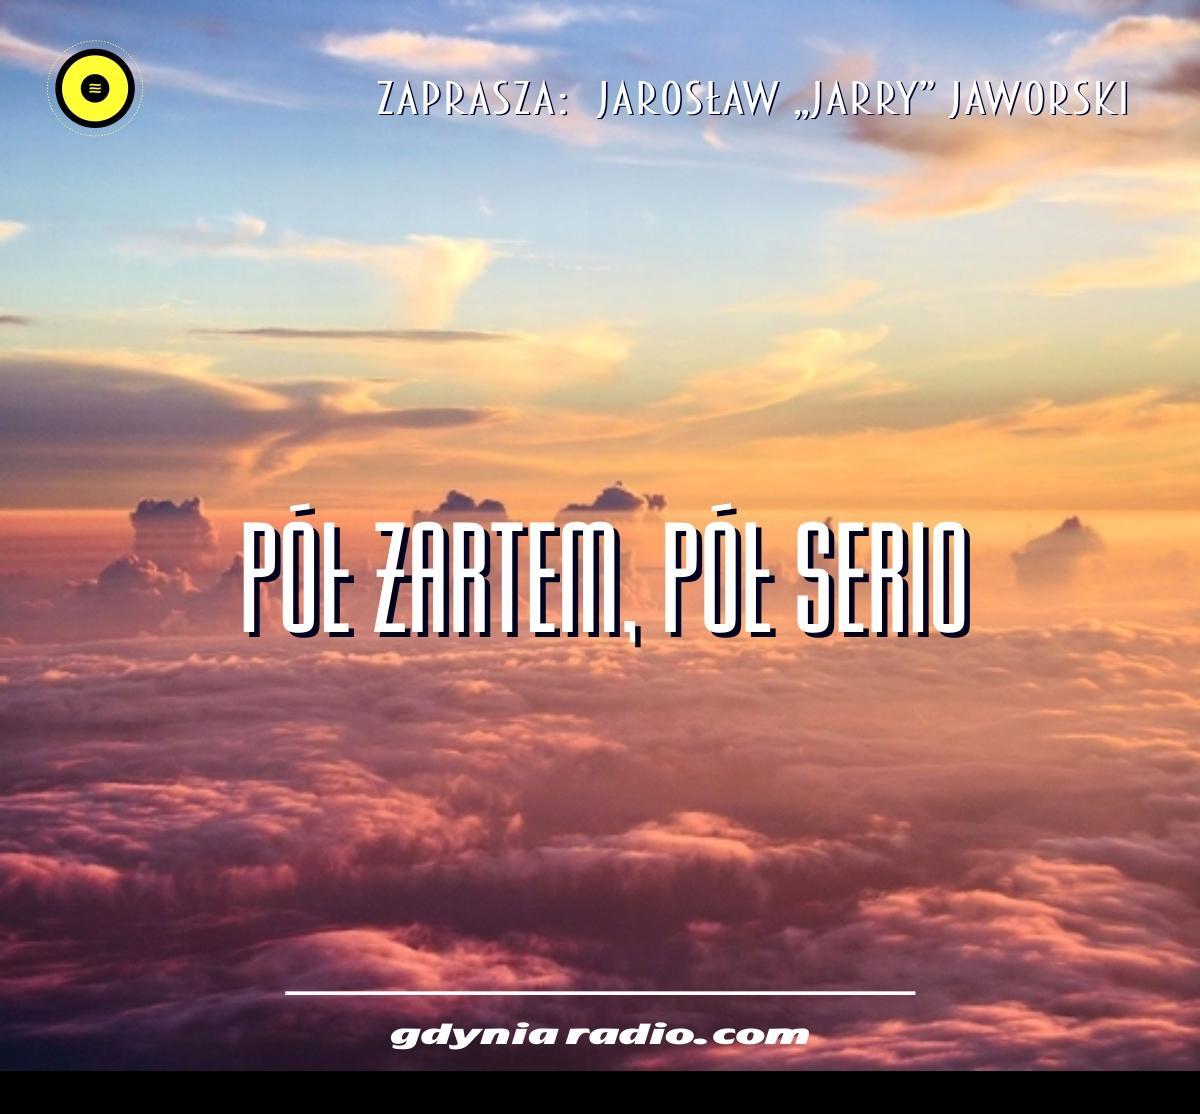 Gdynia Radio -2021- Pol Zartem Pol serio - Jaroslaw Jarry Jaworski